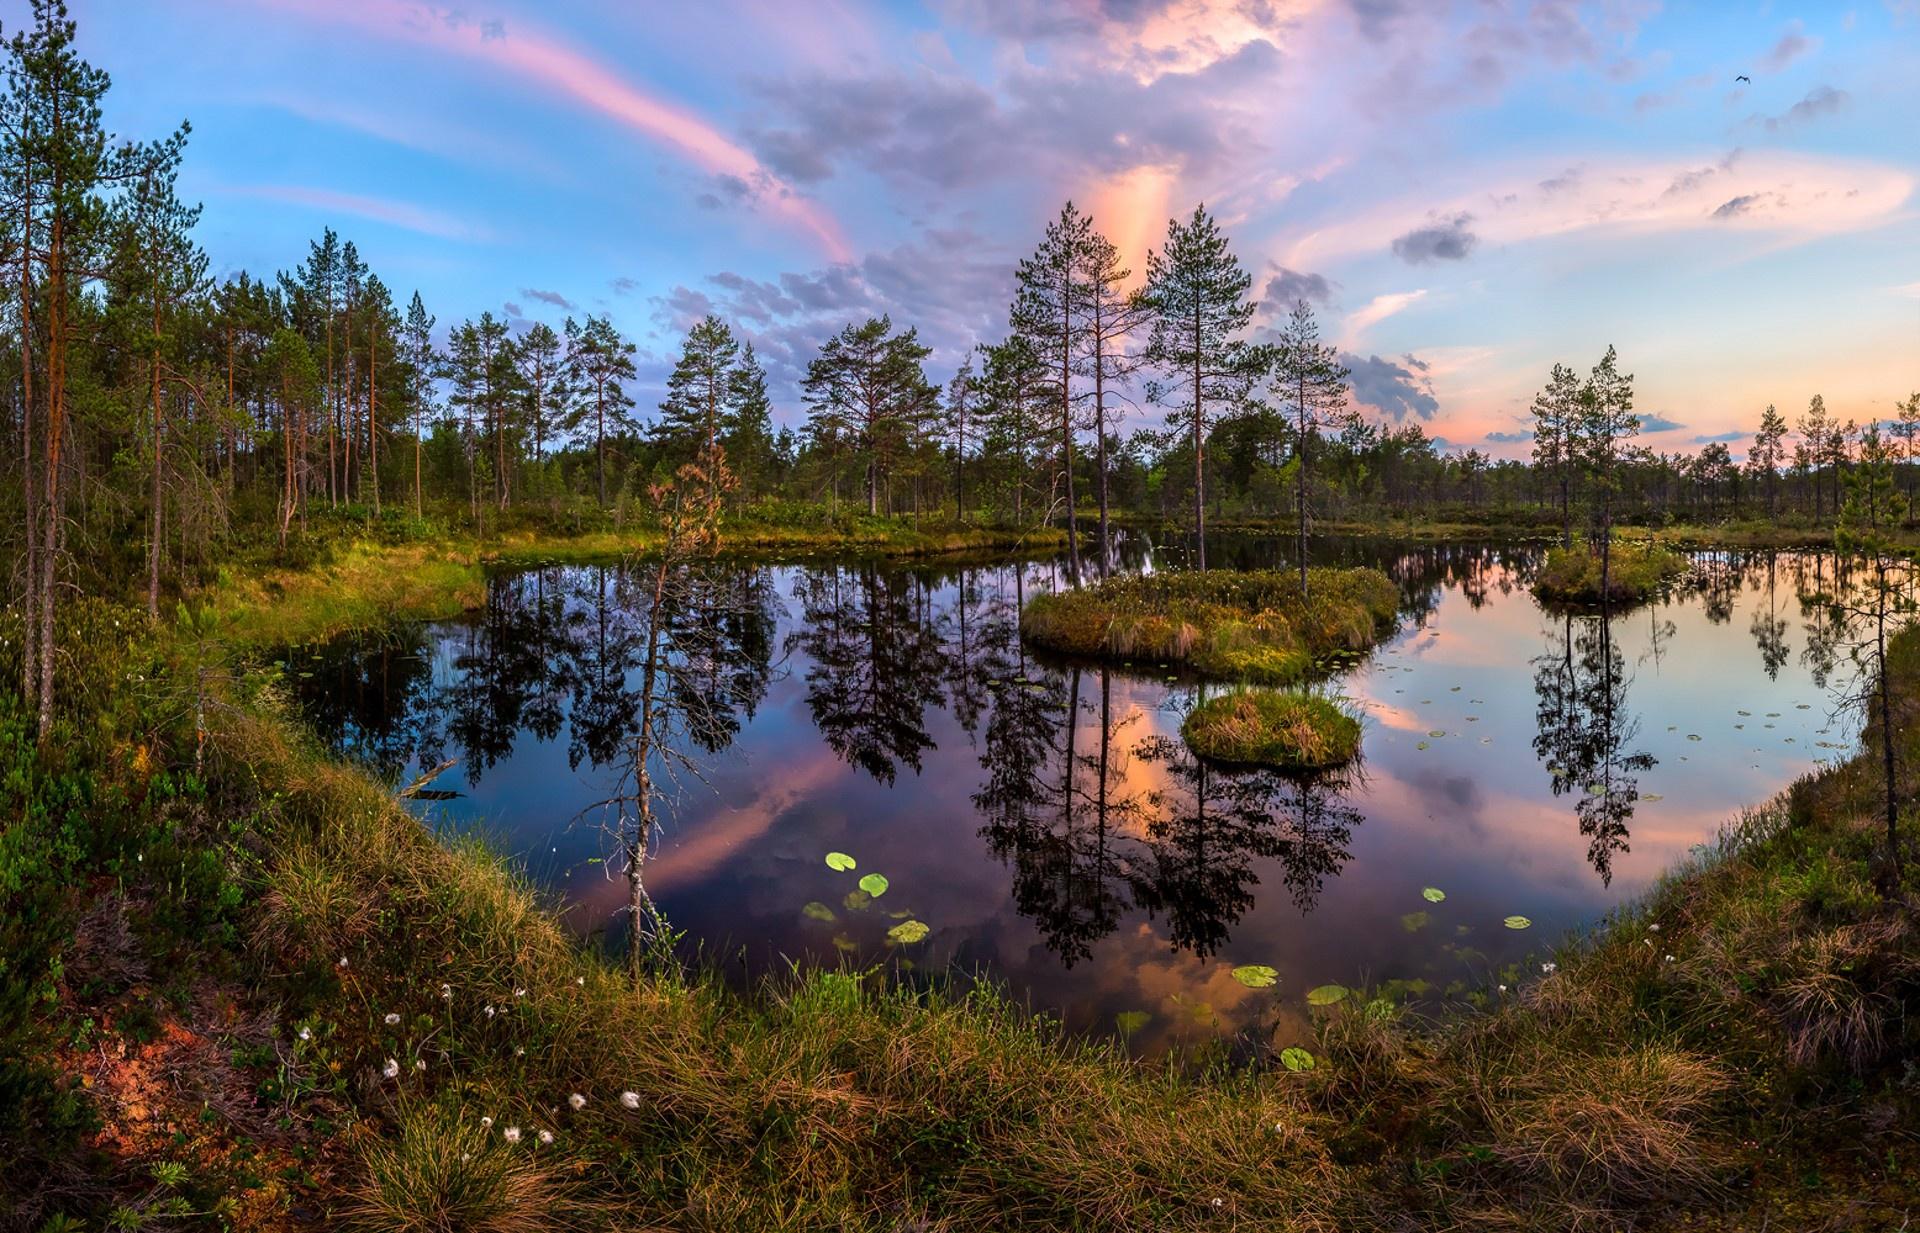 помещение маленькое, завораживающие российские пейзажи фото великий